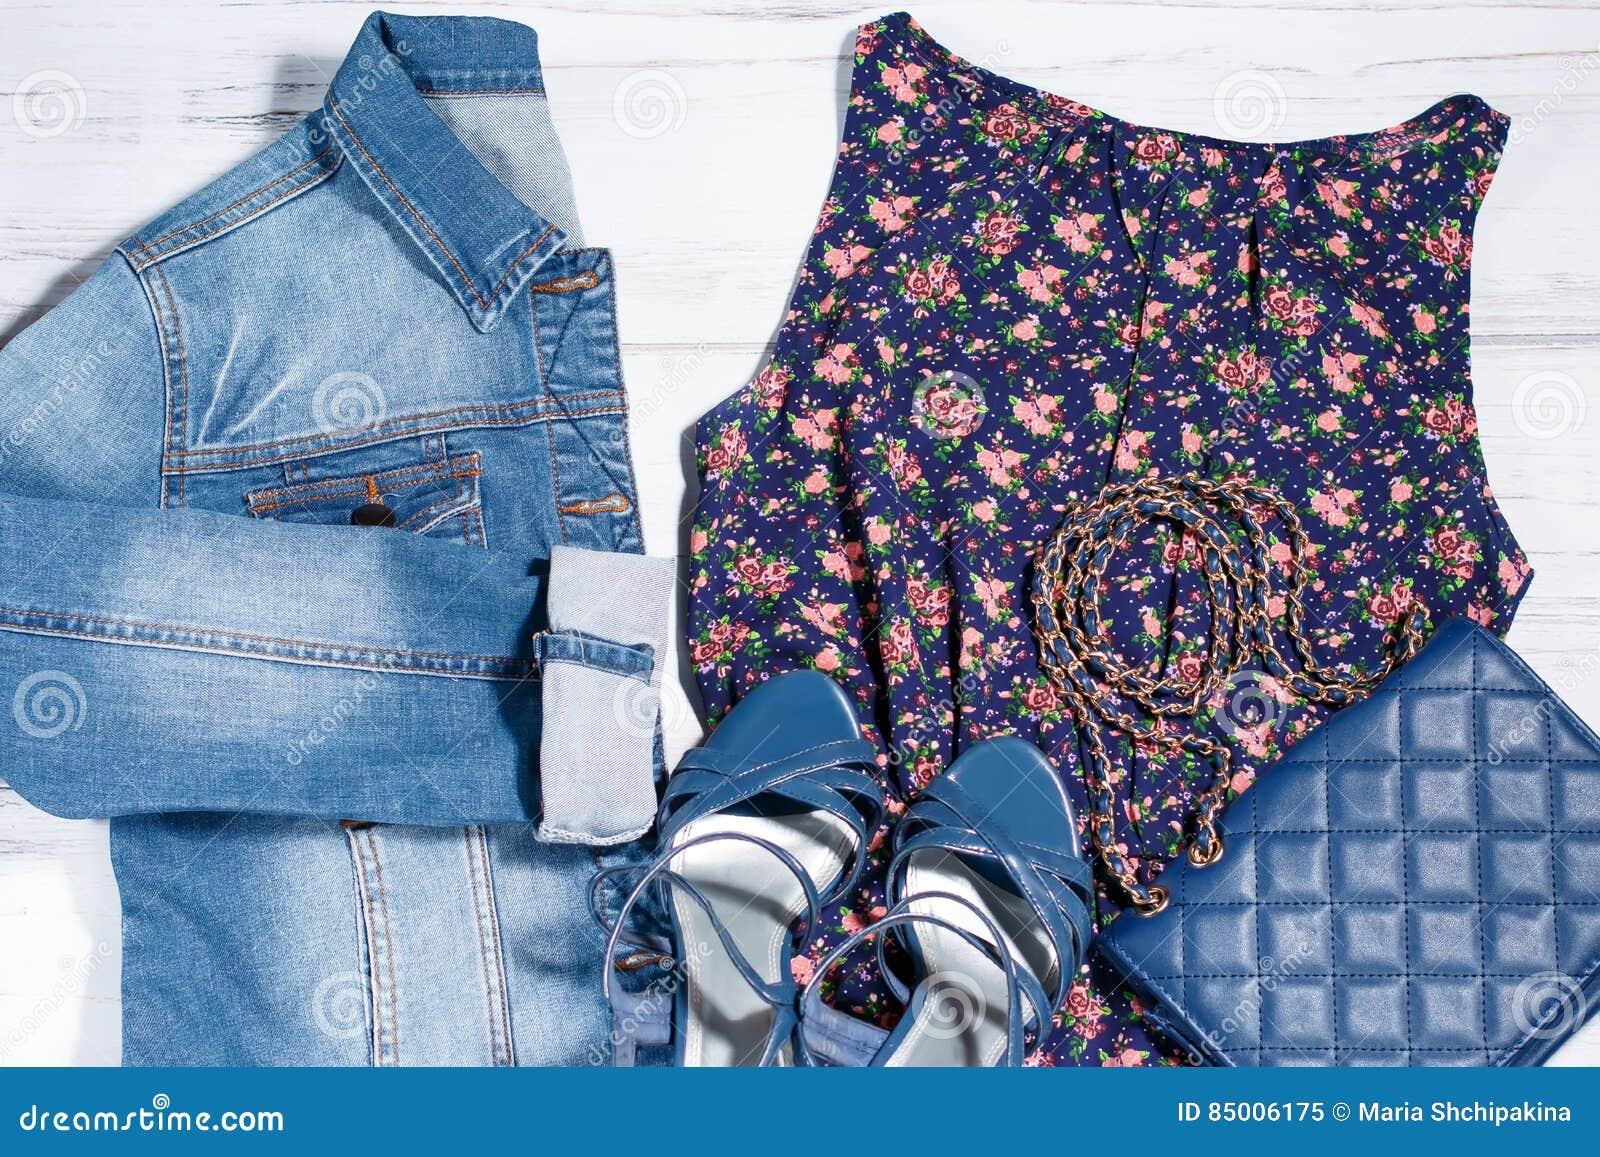 957e7c5b627 Summer Female Clothes